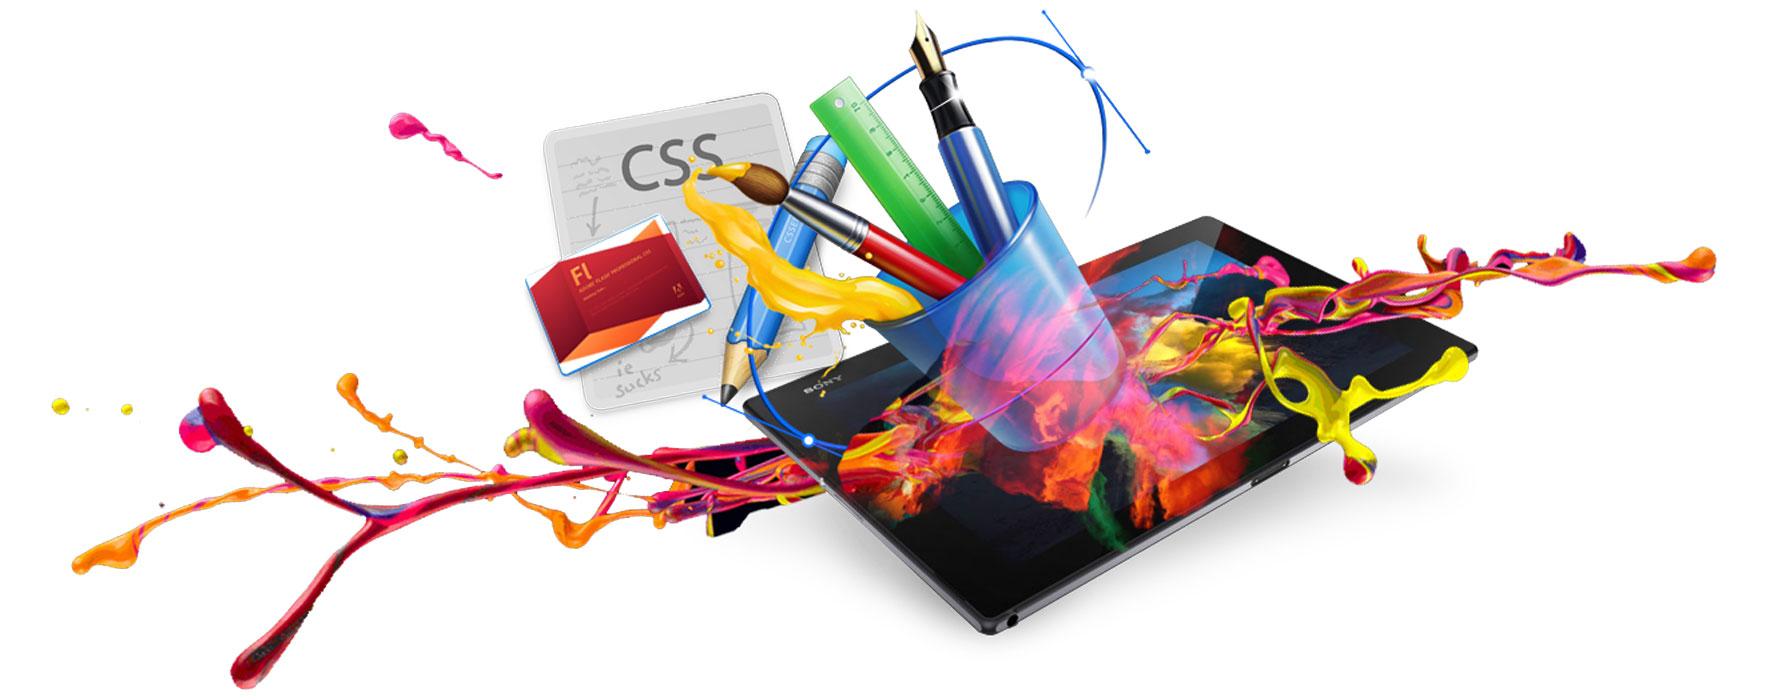 Design  Define Design at Dictionarycom